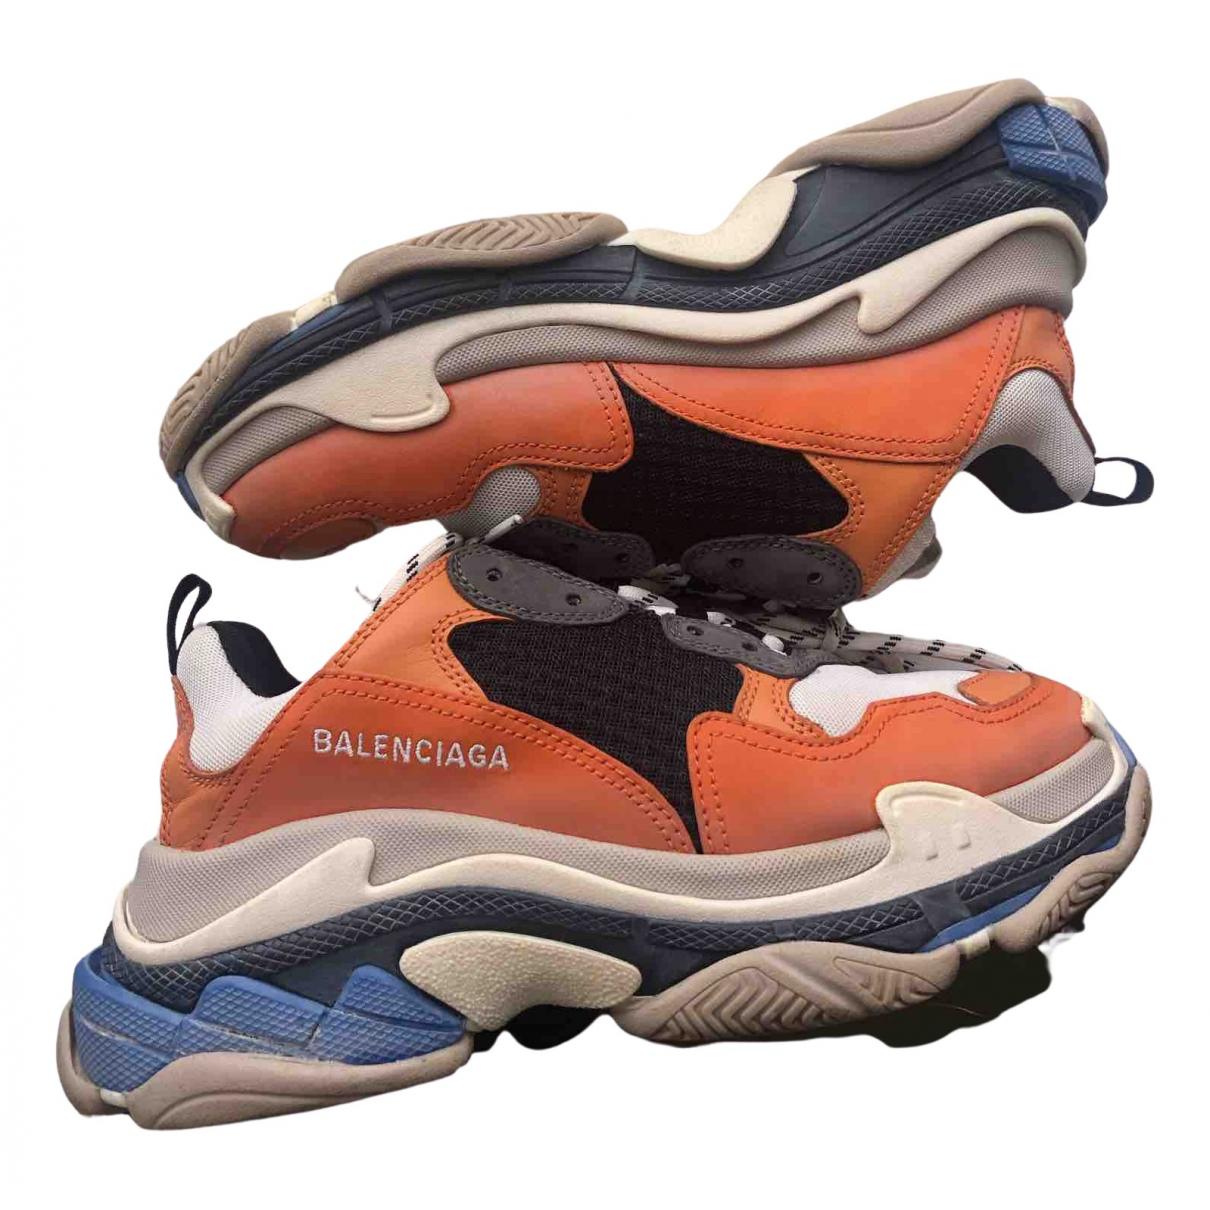 Balenciaga - Baskets Triple S pour homme en cuir - orange